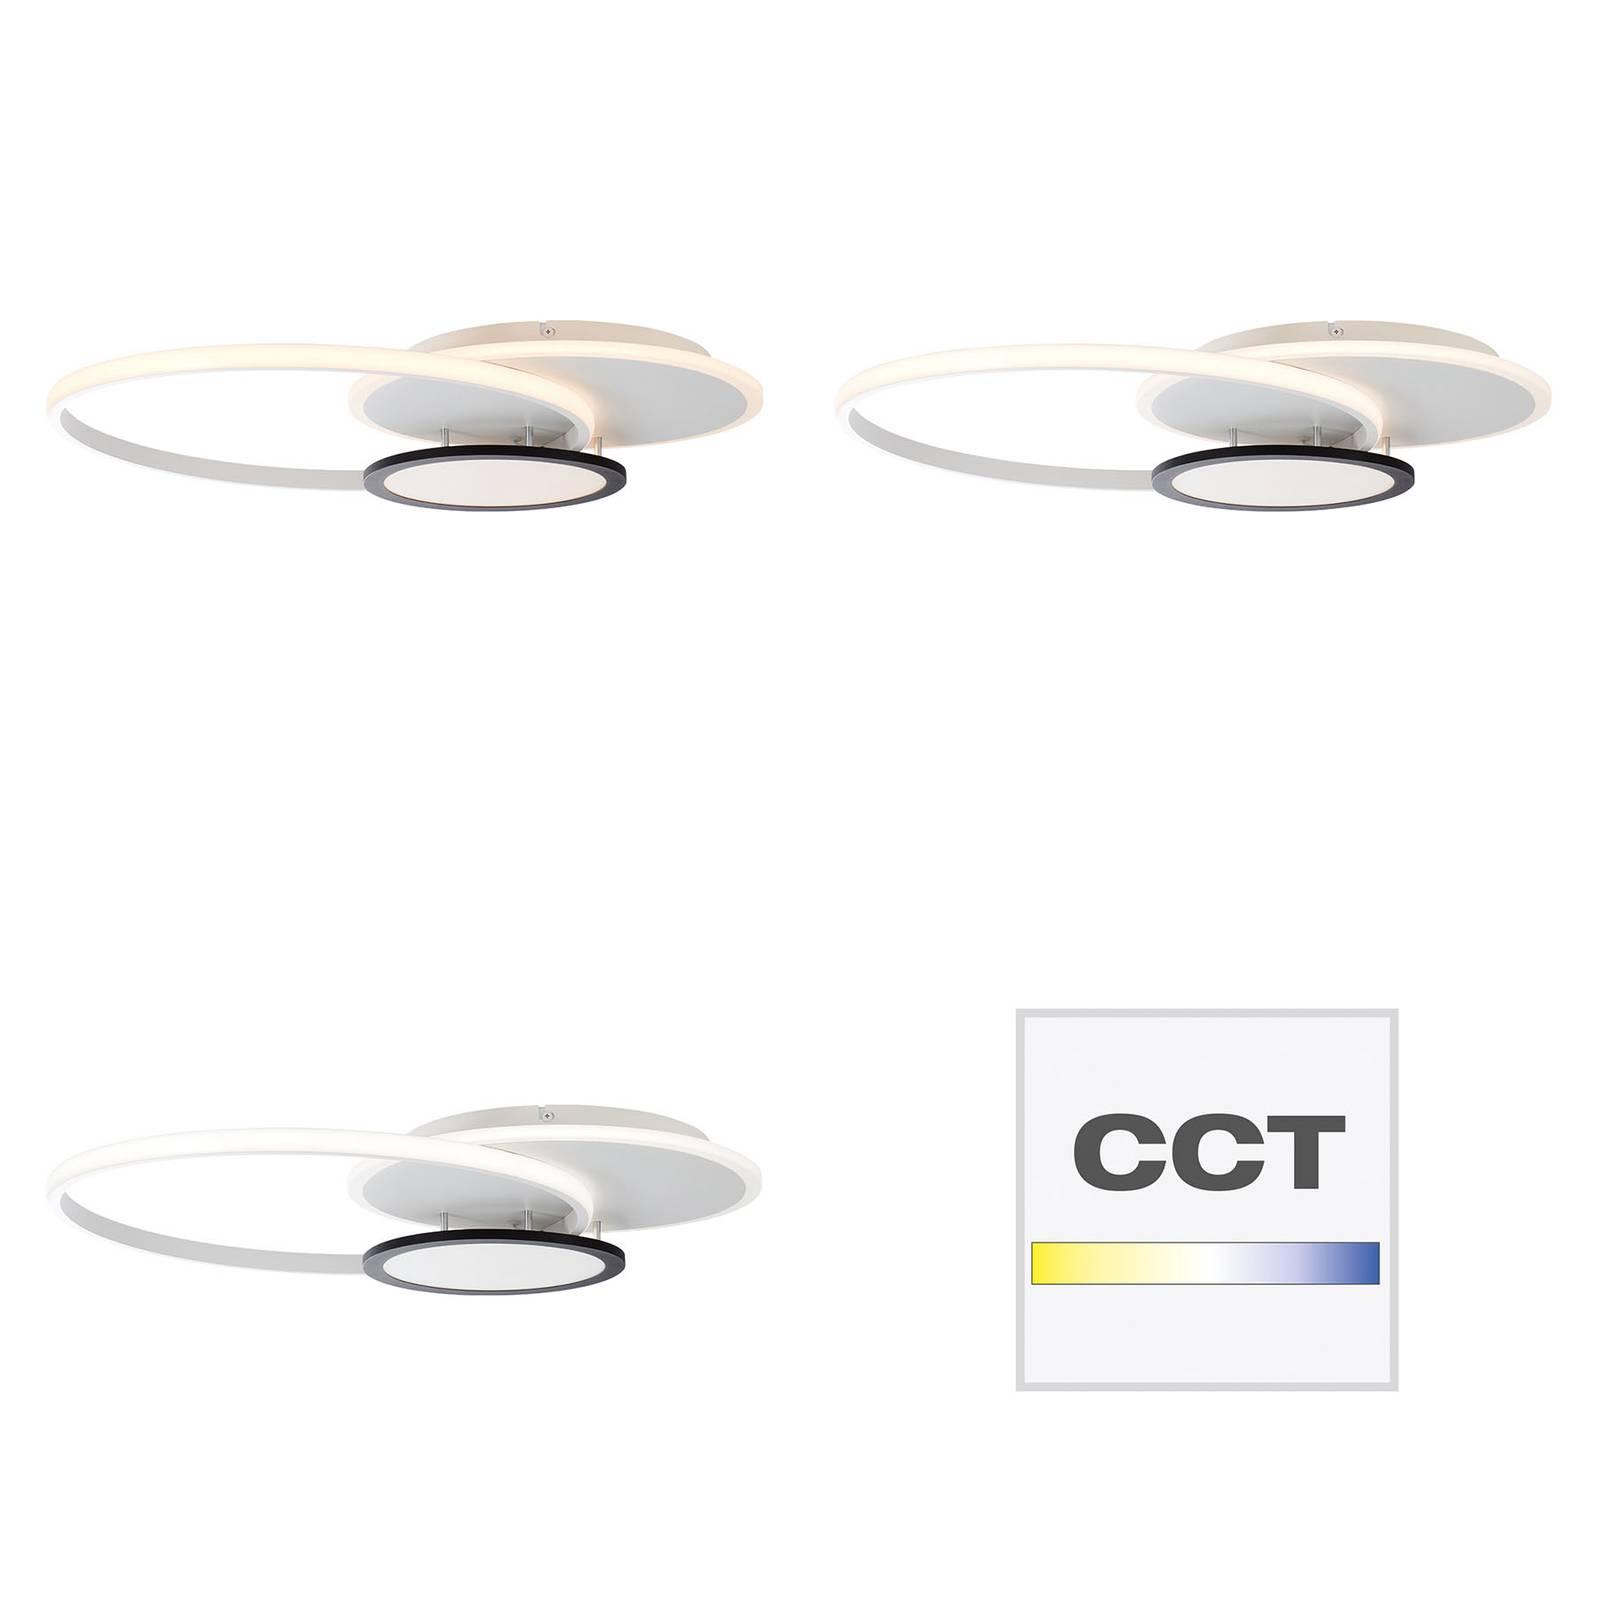 AEG Halsey LED-Deckenleuchte, CCT, dimmbar